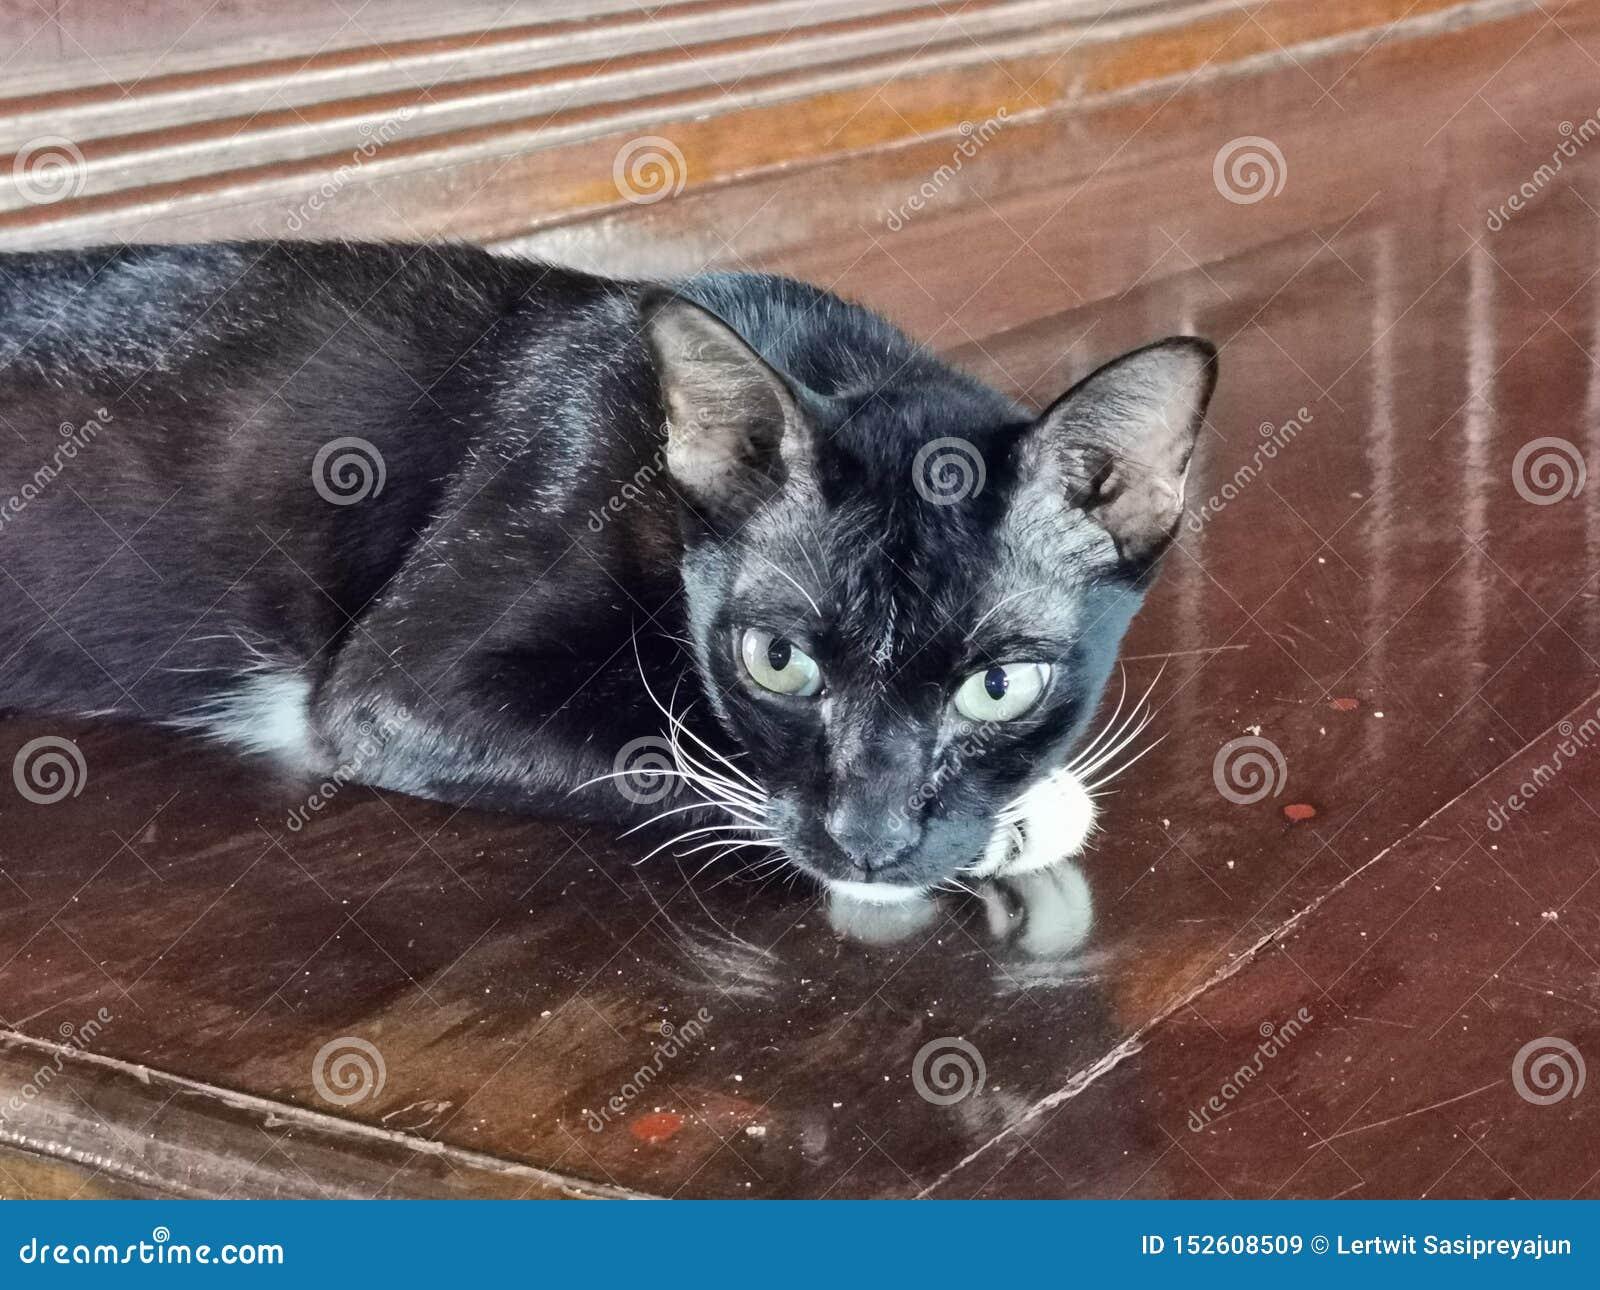 Domestic pet, cat